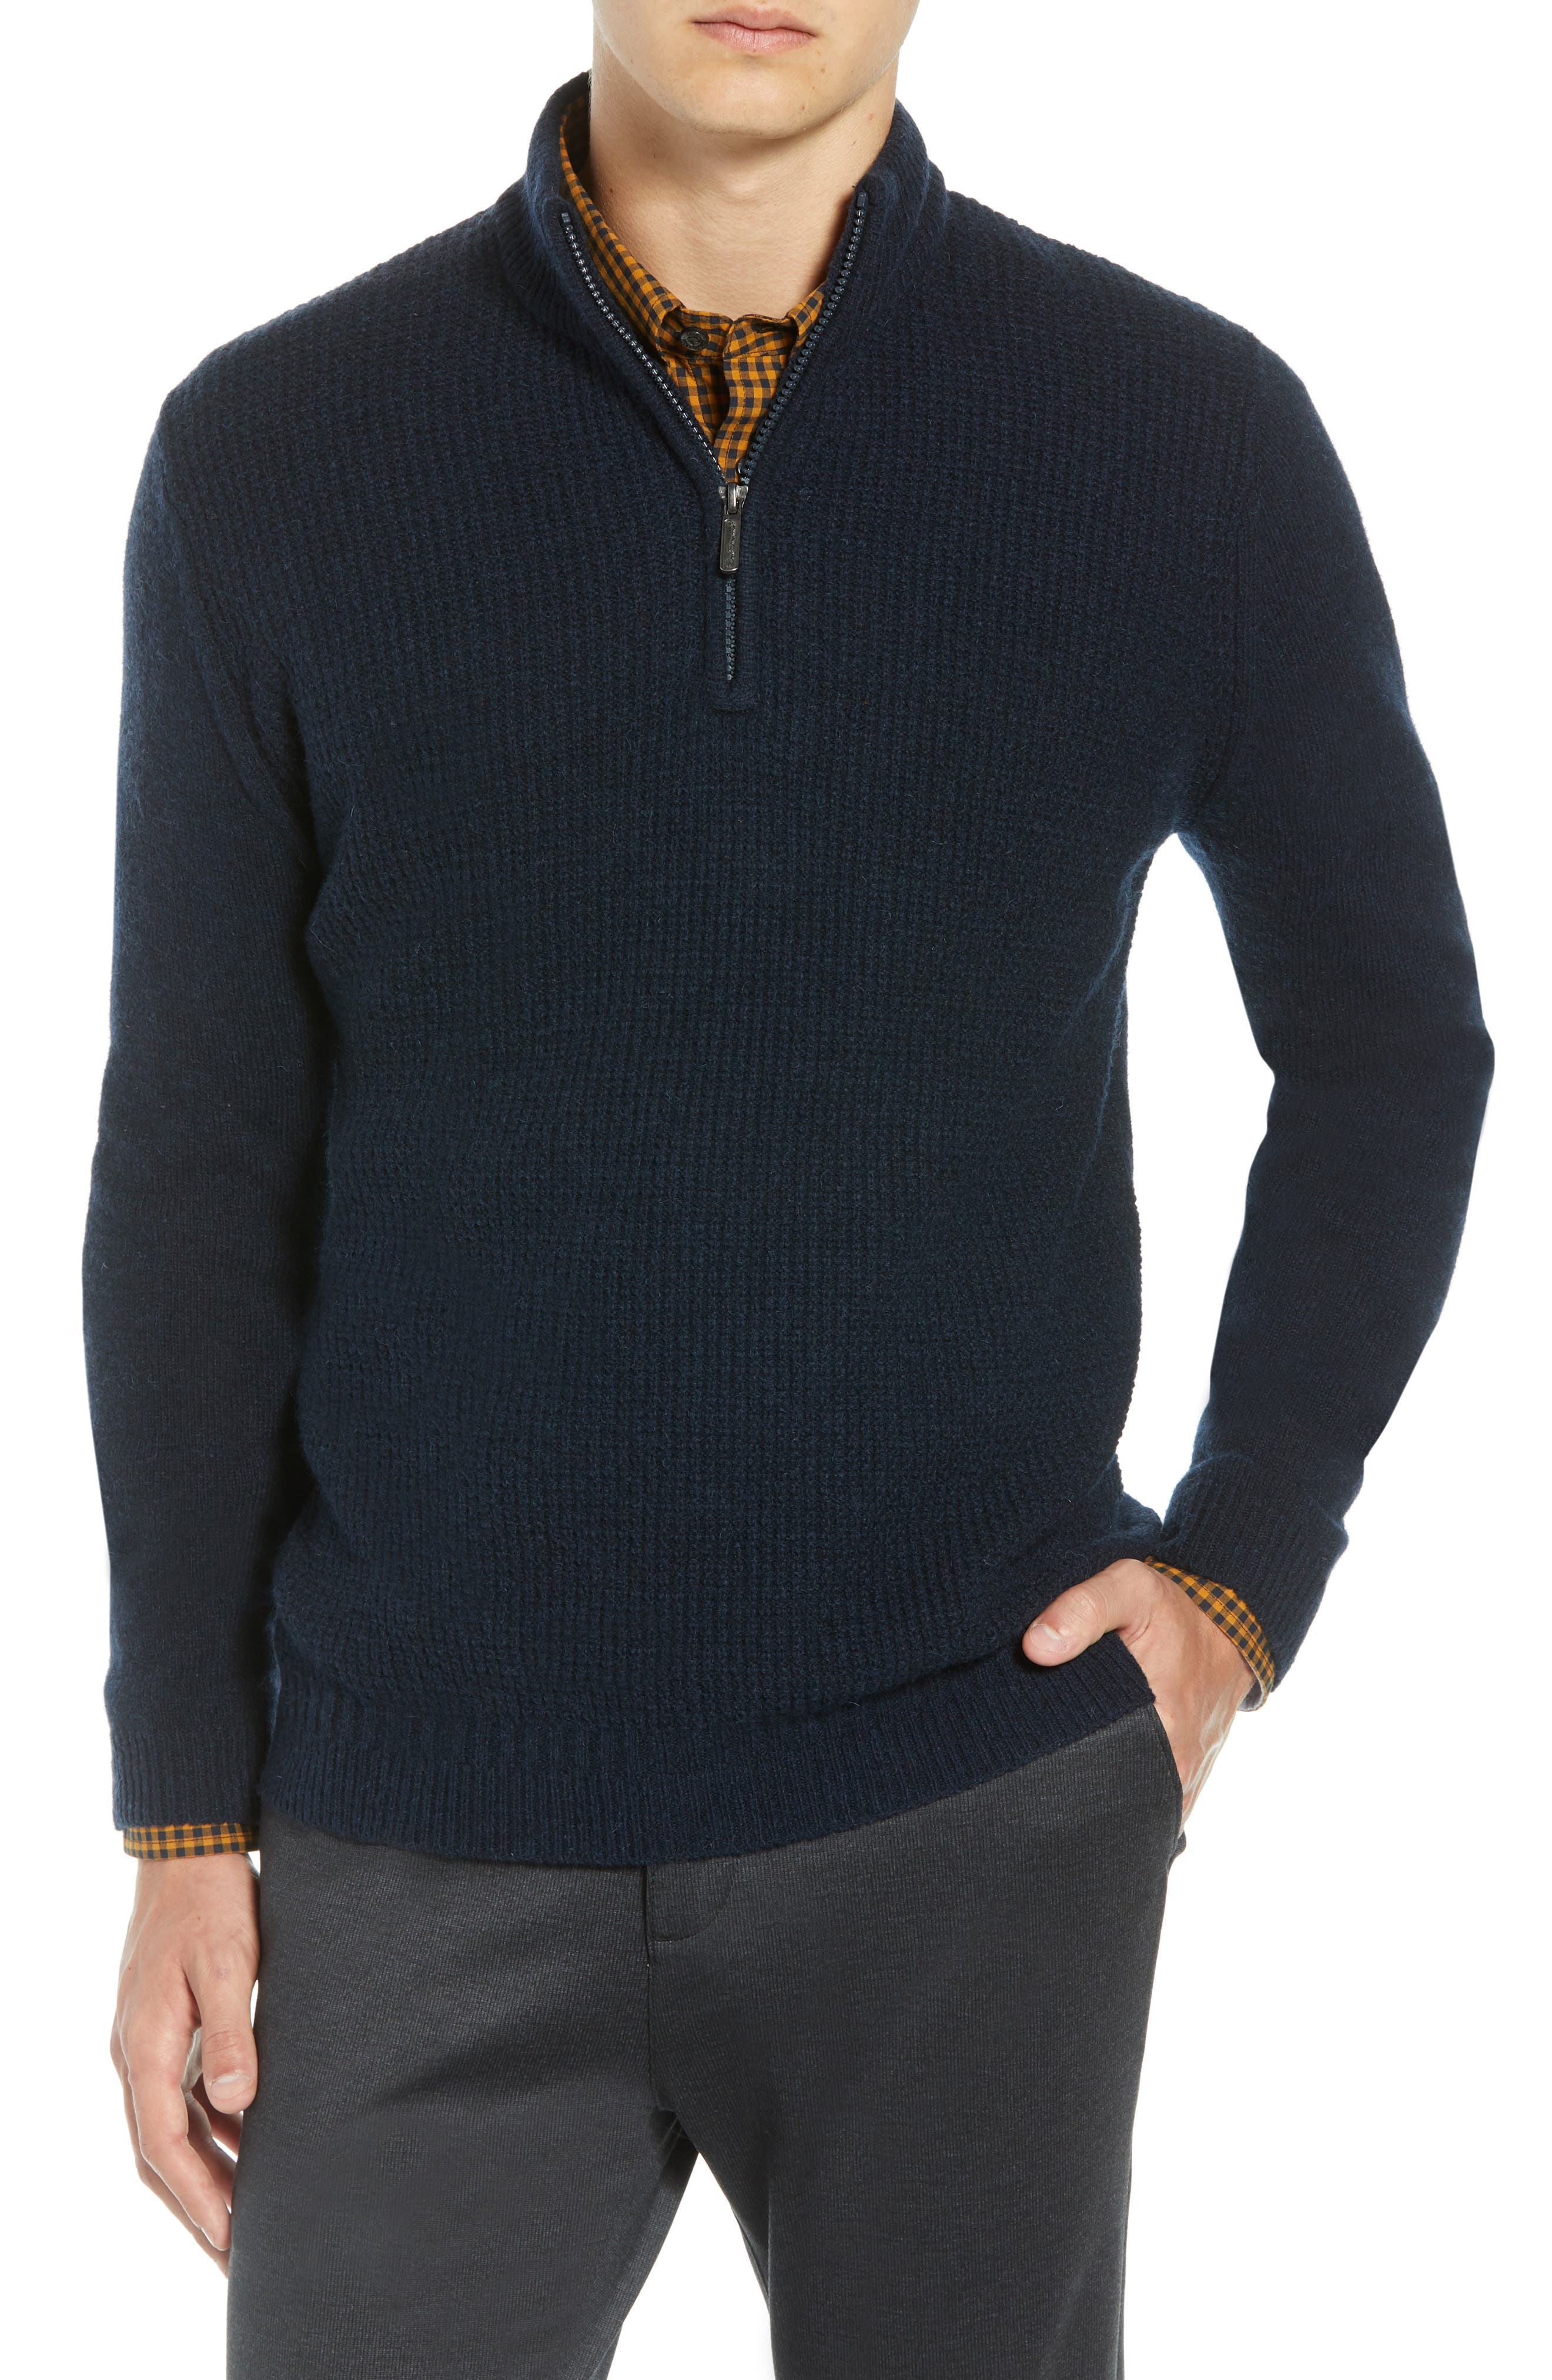 BEN SHERMAN Regular Fit Quarter Zip Sweater in Navy